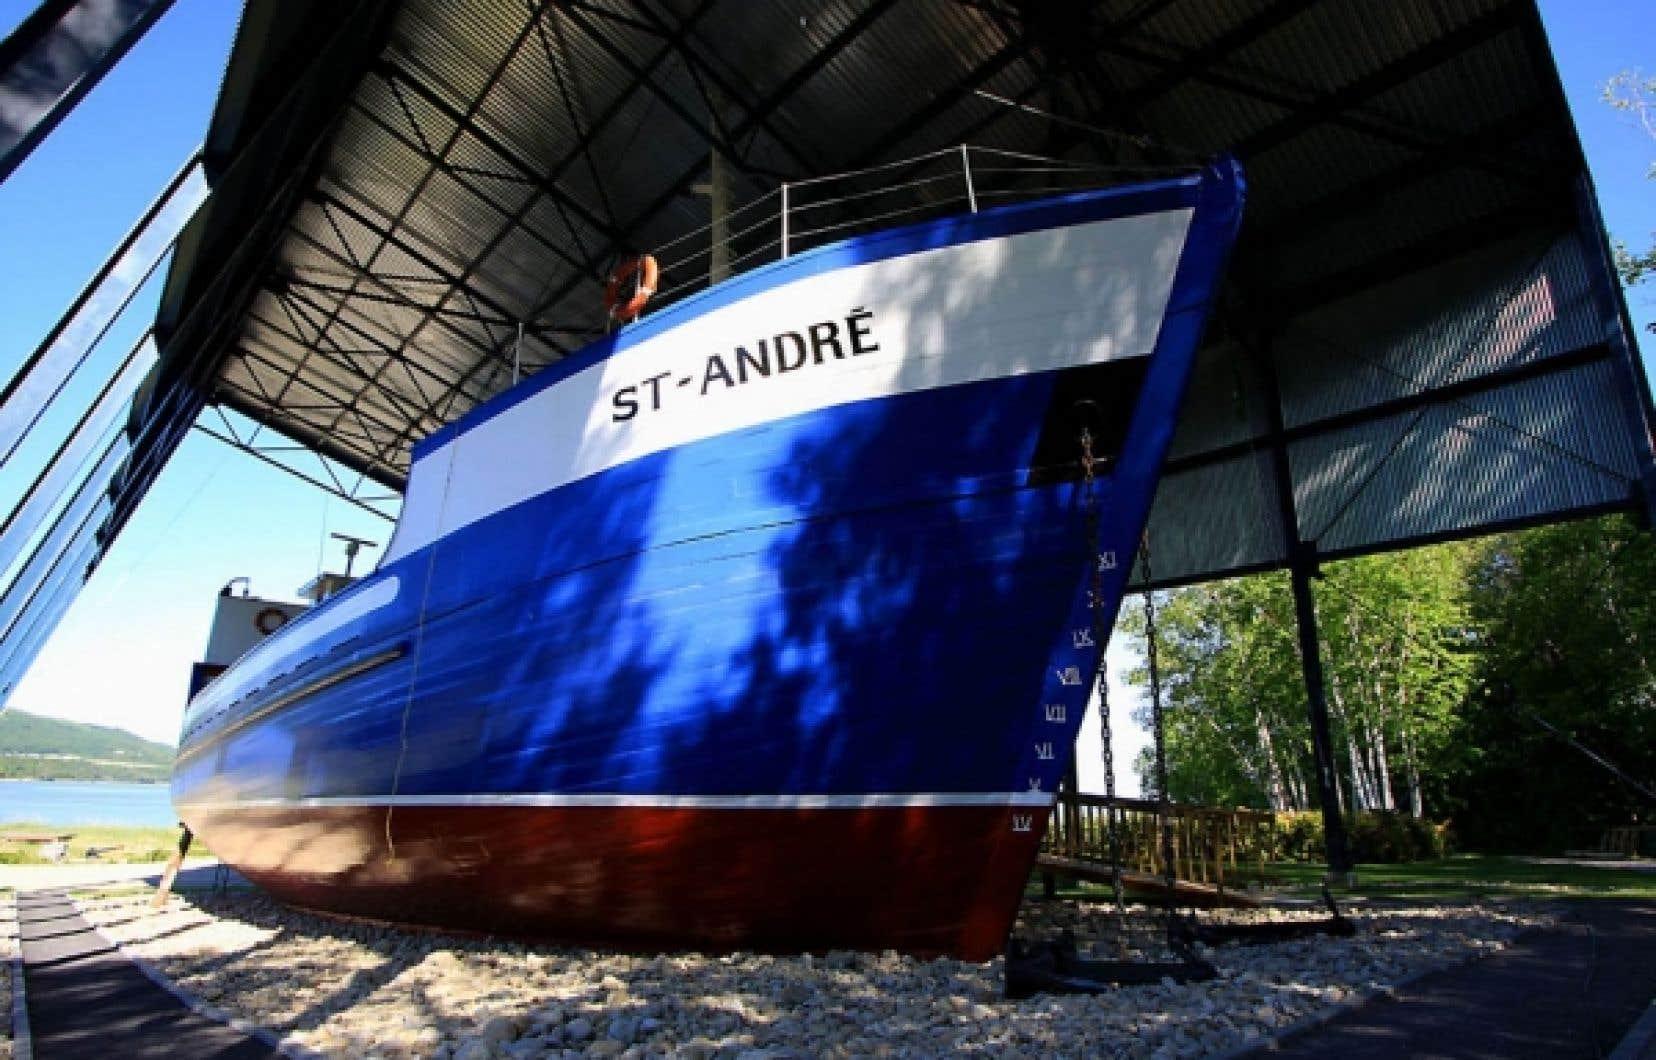 La goélette «Saint-André» (1956). Cette dernière a été classée bien culturel en 1978 et elle représente le dernier type évolutif de vaisseaux à fond plat en usage sur le Saint-Laurent.